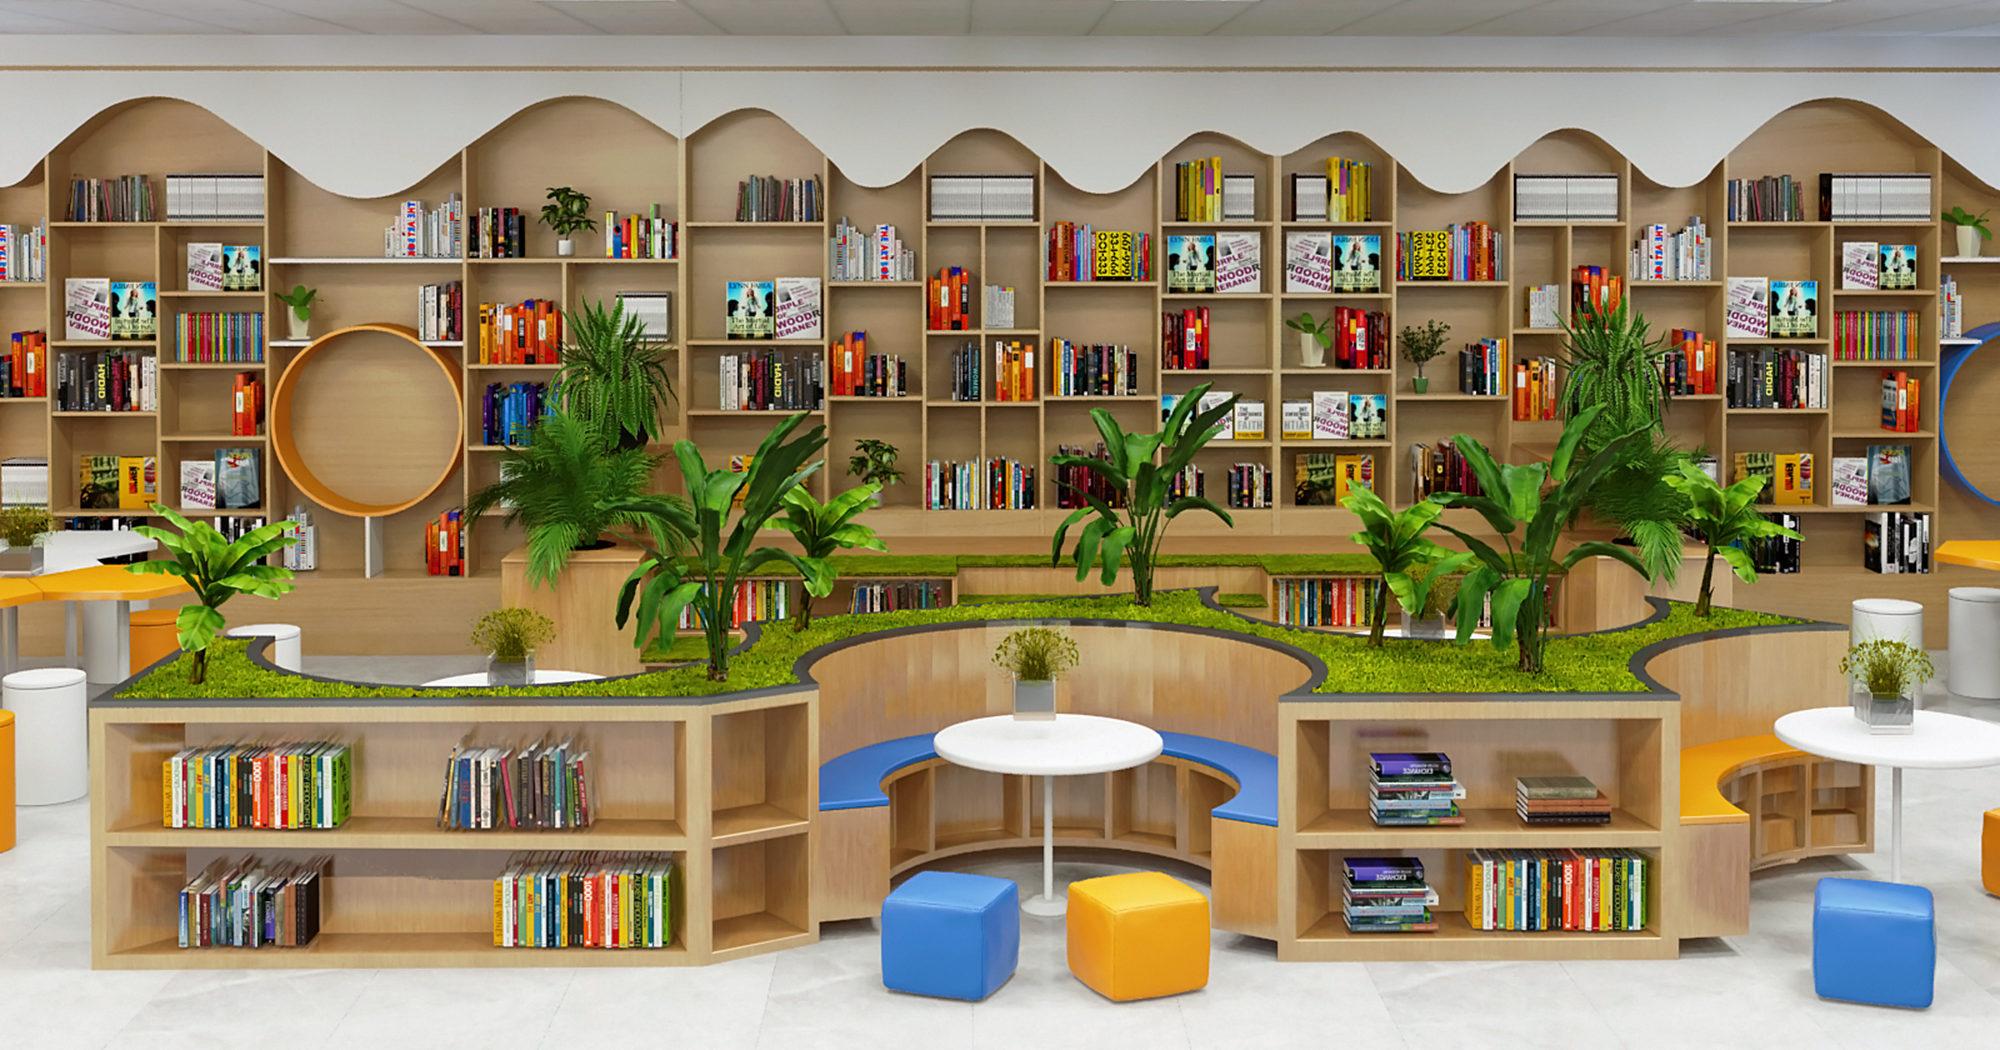 Thiết kế thư viện với nhiều không gian xanh